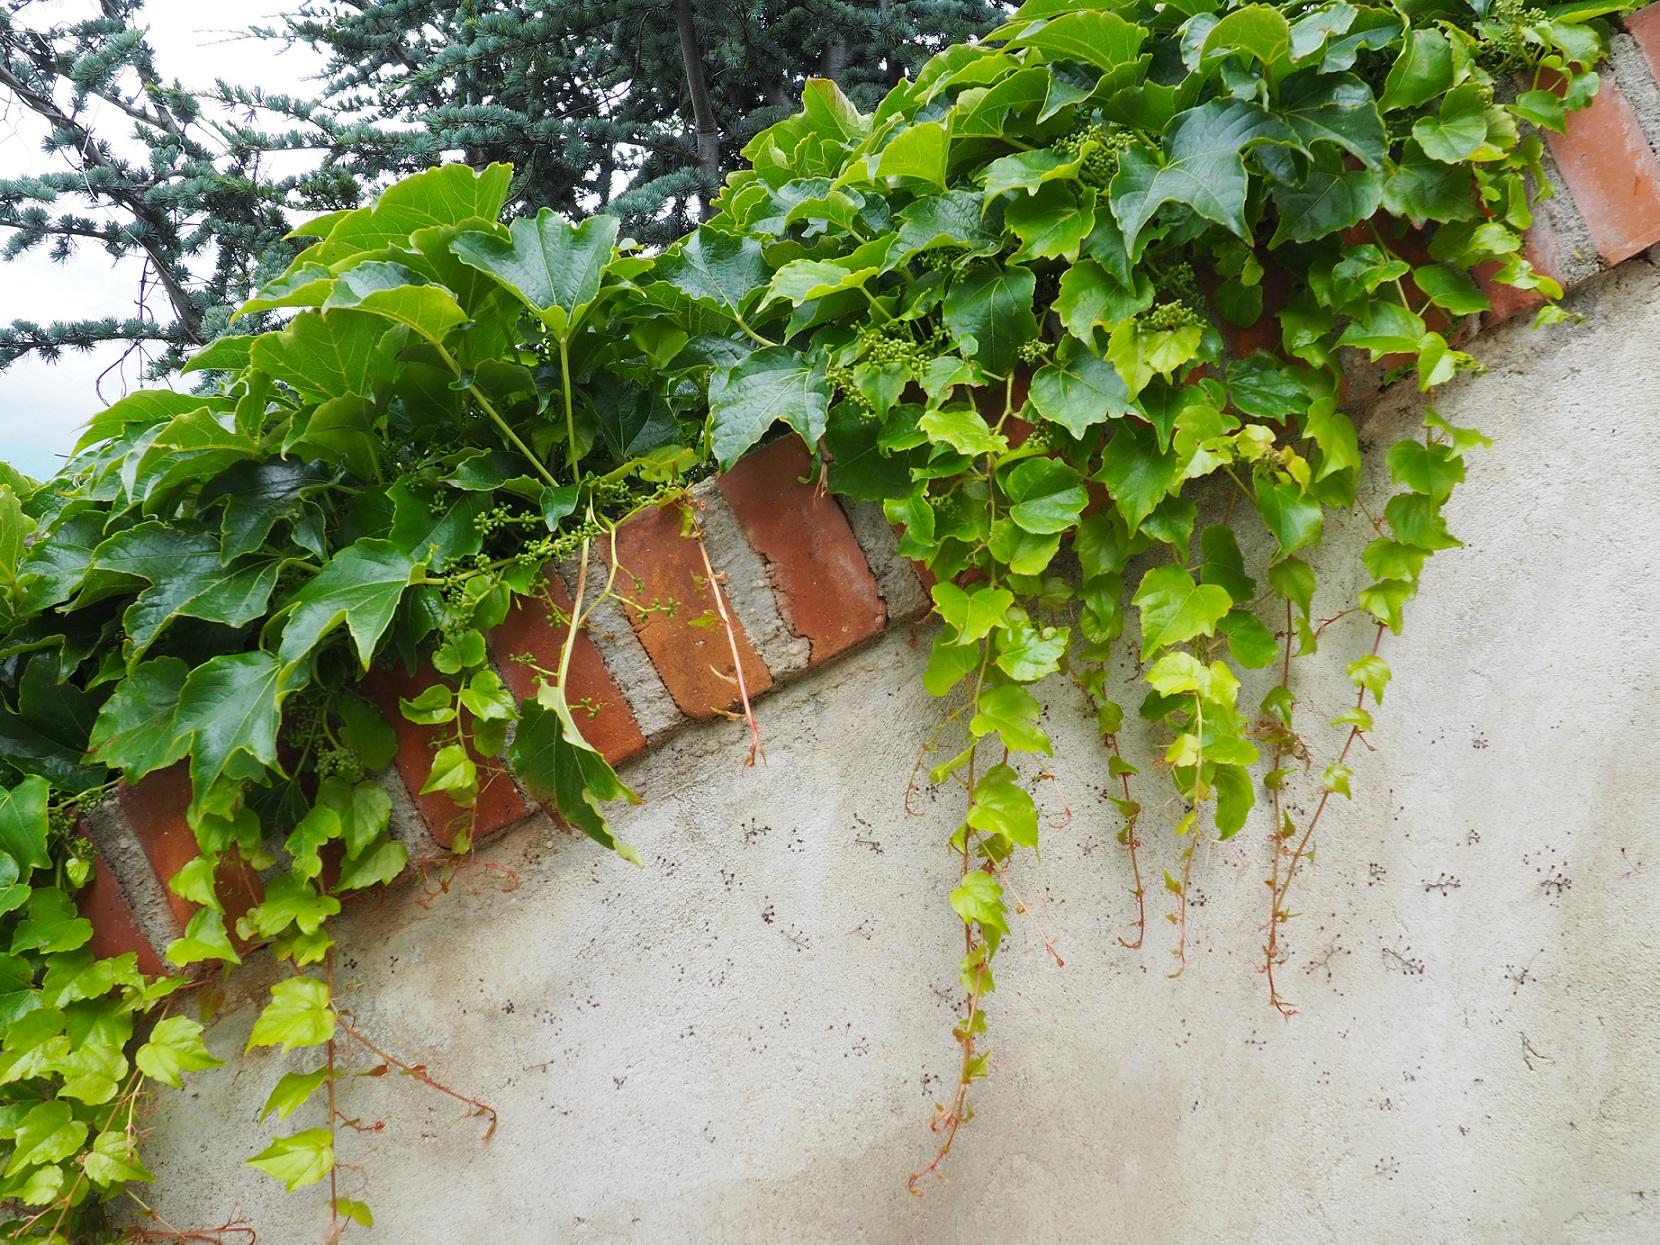 Les vignes de Mikulov en République Tchèque